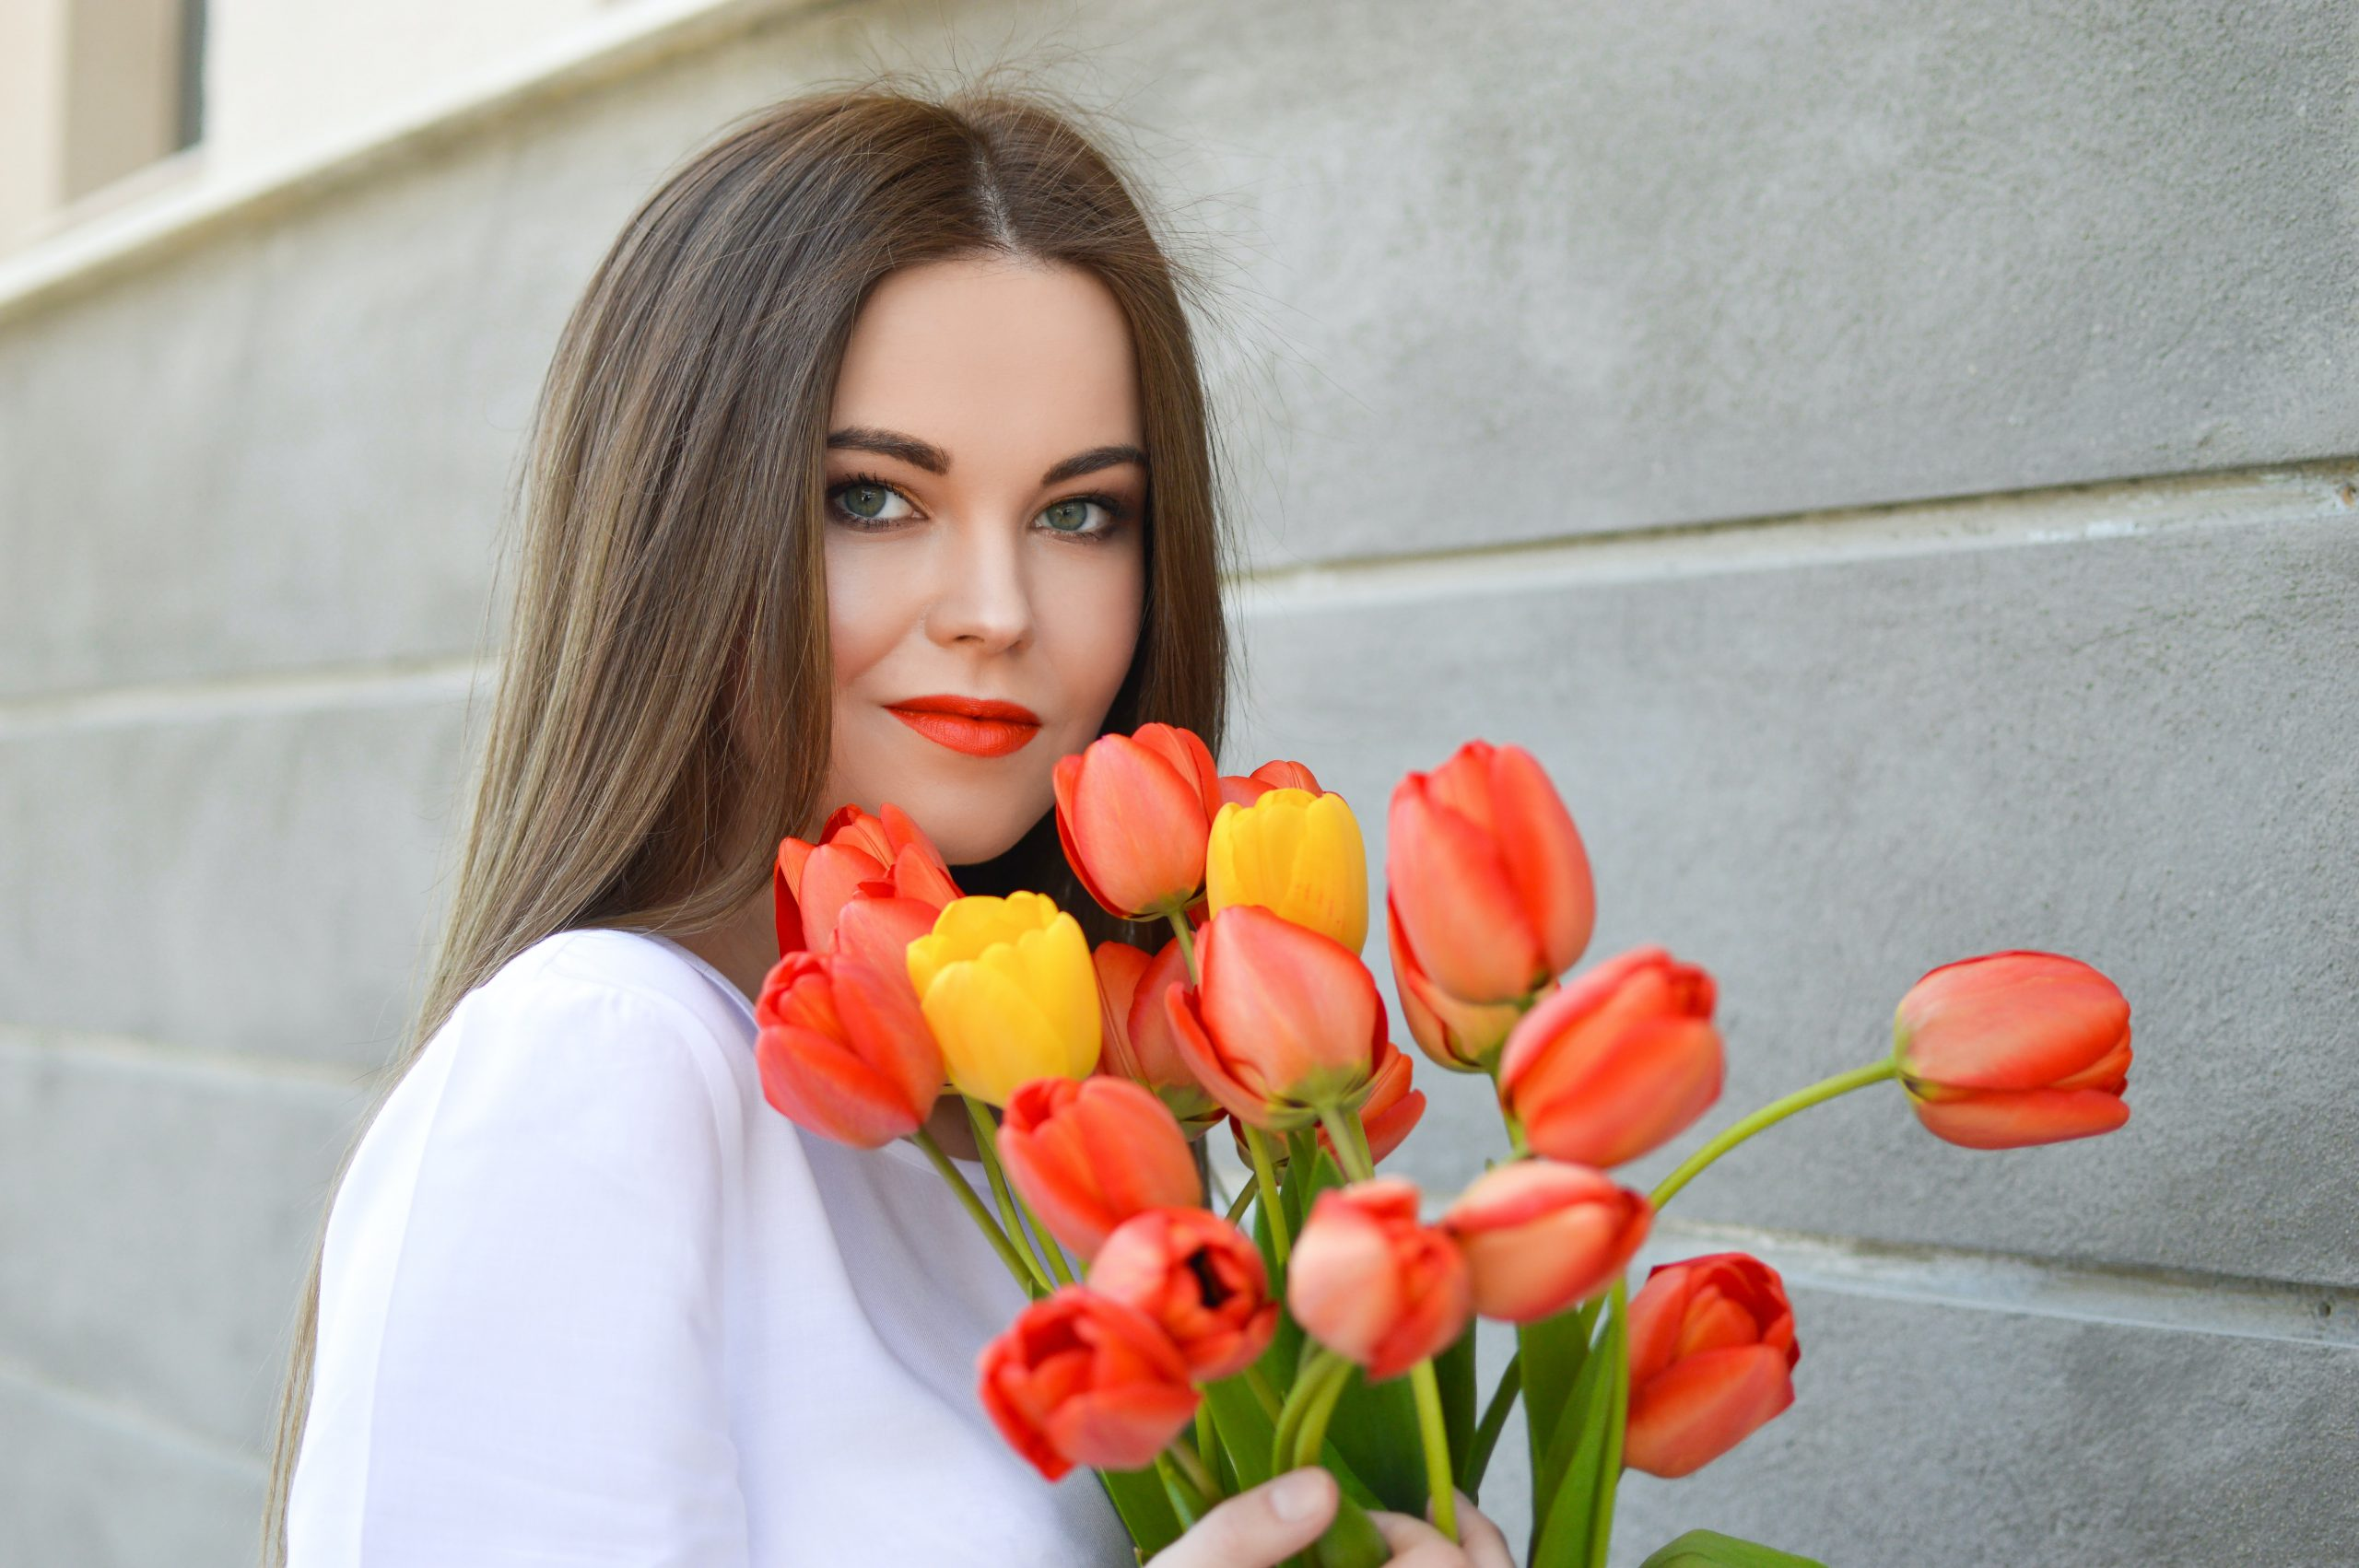 Imagem de uma mulher segurando um buquê de flores.